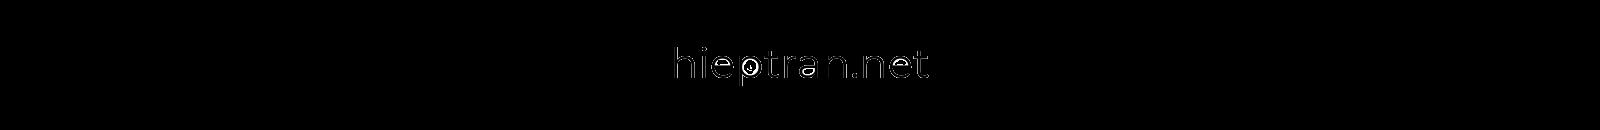 Hiệp Trần. hieptran.net - Kinh nghiệm du lịch tự túc - Kinh Nghiệm xin visa miễn chứng minh tài chính - Blogger du lịch